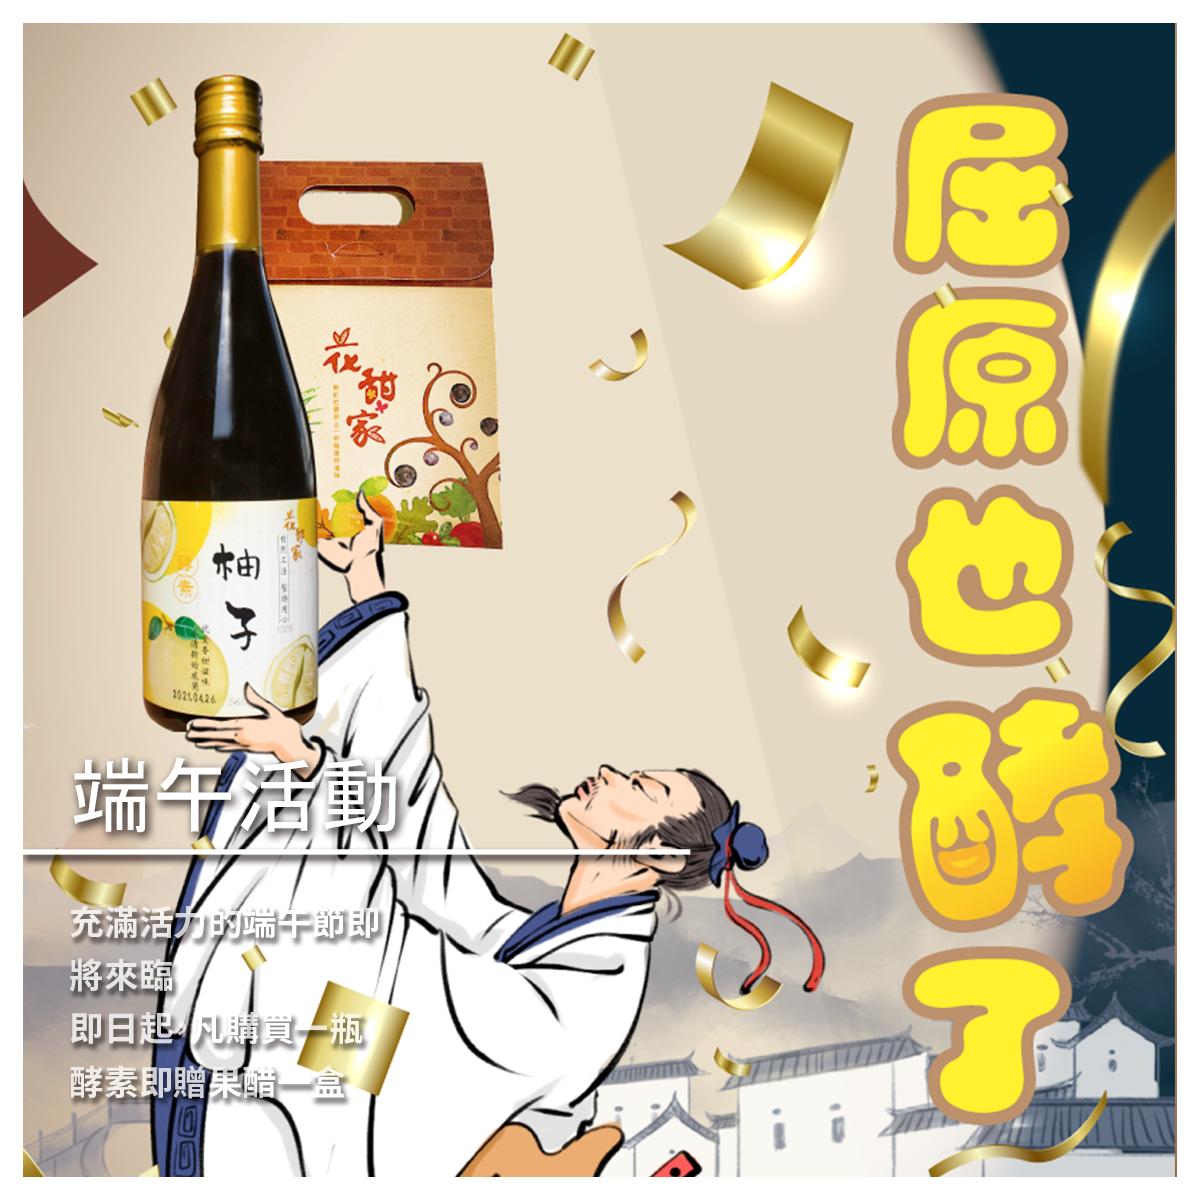 【花甜家】鳳梨酵素/瓶裝 (端午活動買一送一開跑中)